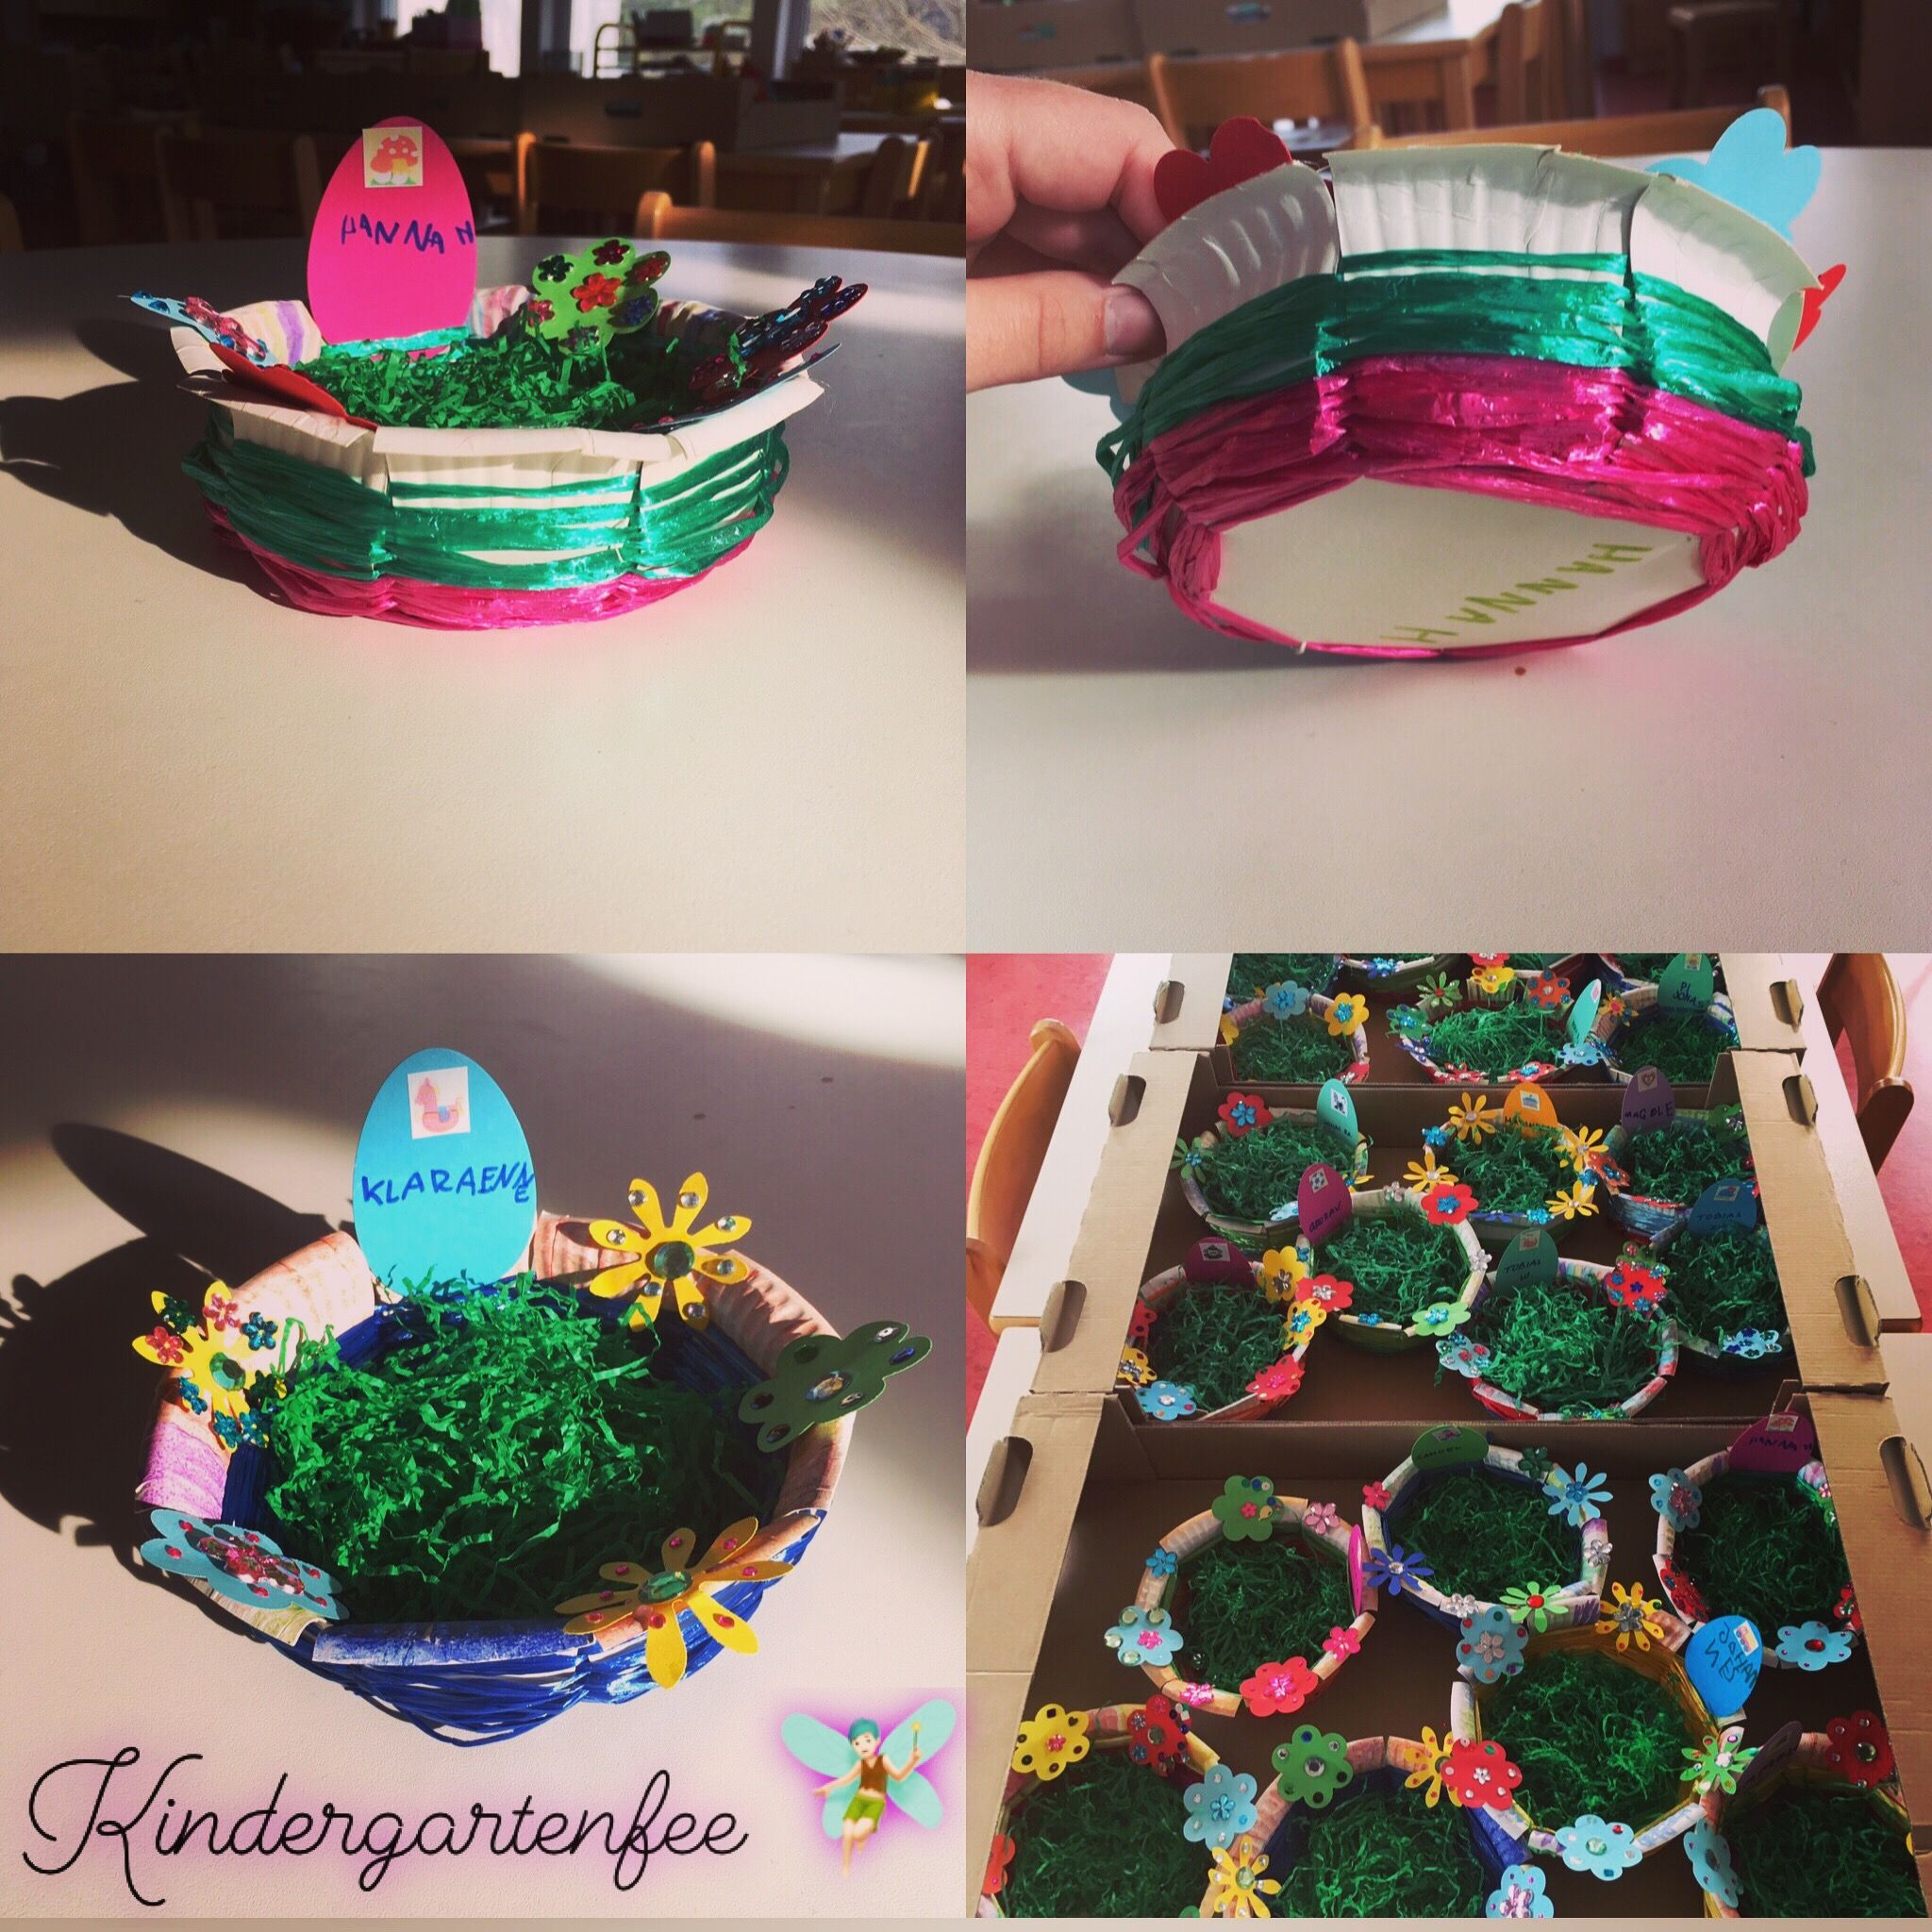 Osternest Basteln Kindergarten Kindergartenfee Osternest